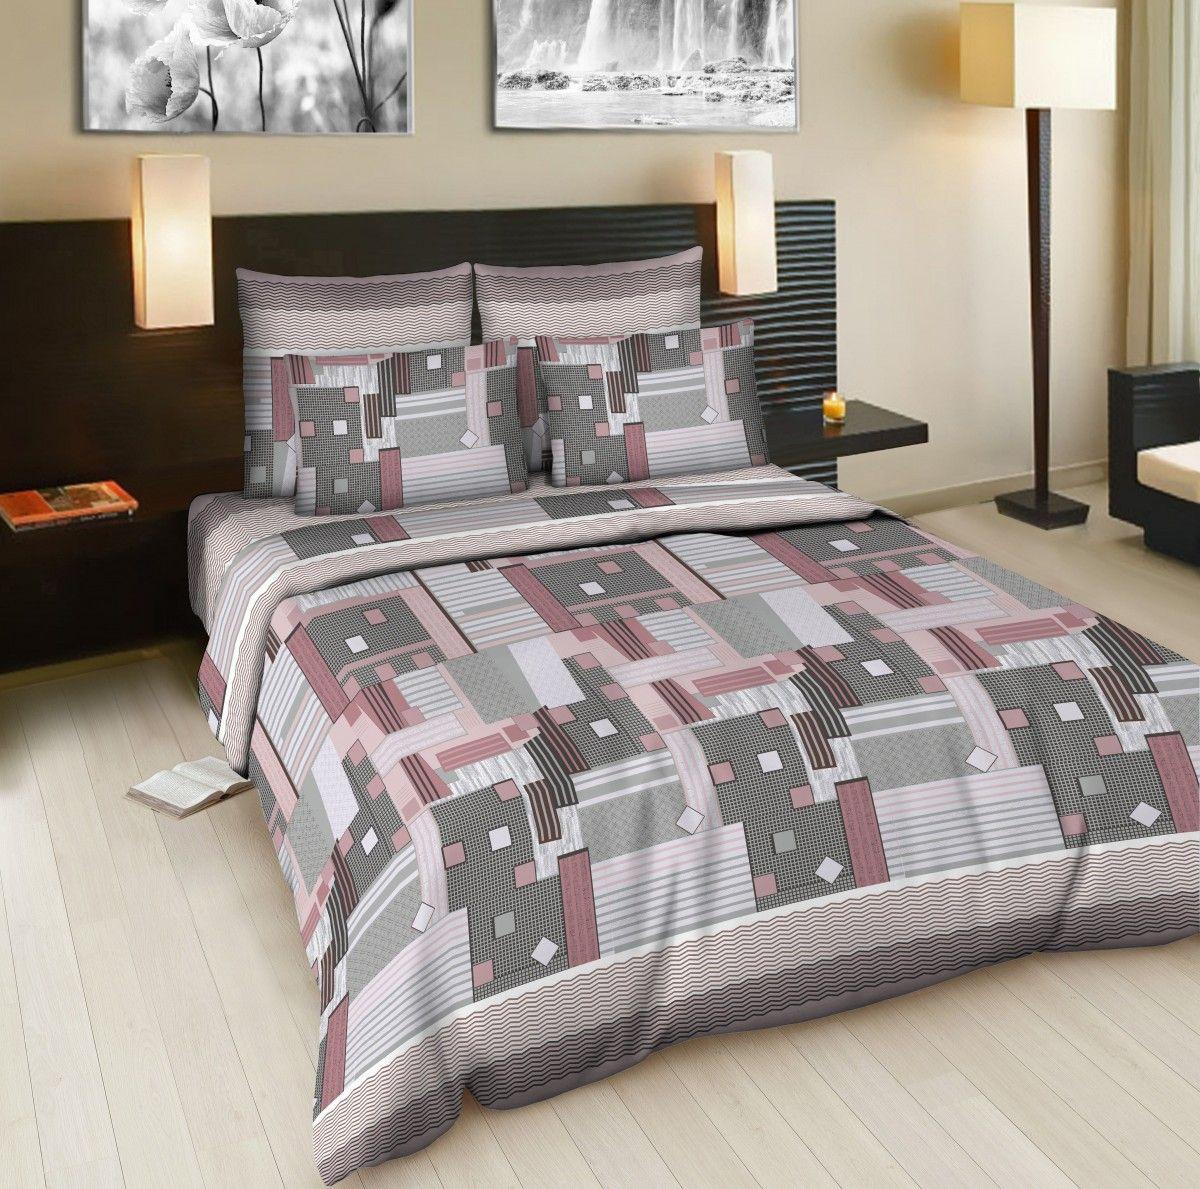 Комплект белья Amore Mio Window, семейный, наволочки 70x70, цвет: серый, розовыйFA-5125 WhiteКомплект постельного белья Amore Mio является экологически безопасным для всей семьи, так как выполнен из бязи (100% хлопок). Постельное белье оформлено оригинальным рисунком и имеет изысканный внешний вид.Легкая, плотная, мягкая ткань отлично стирается, гладится, быстро сохнет.Комплект состоит из двух пододеяльников, простыни и двух наволочек.